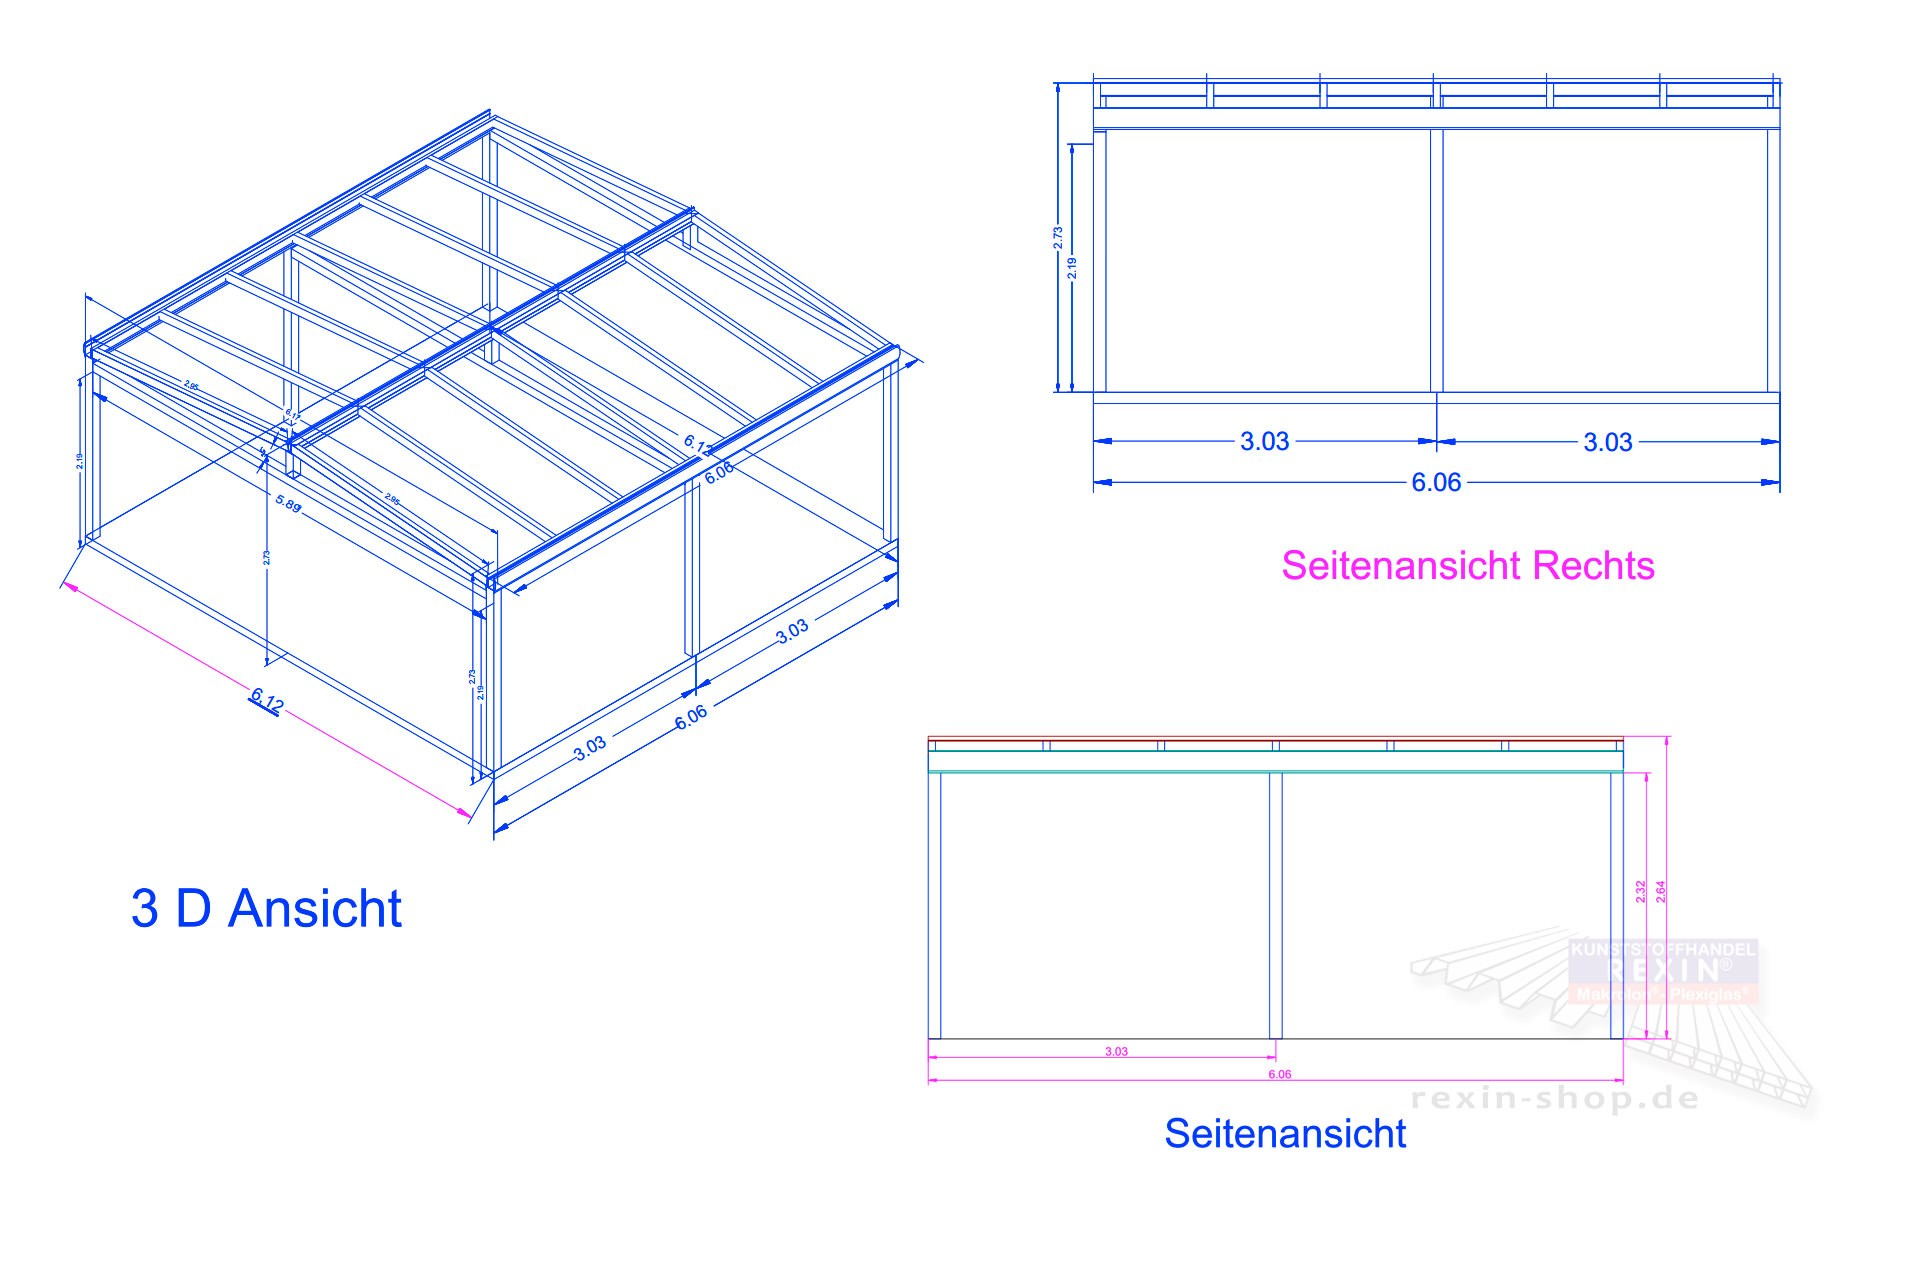 Rexoport Alu Carport Bausatz 6 13m X 6 06m Rexin Shop